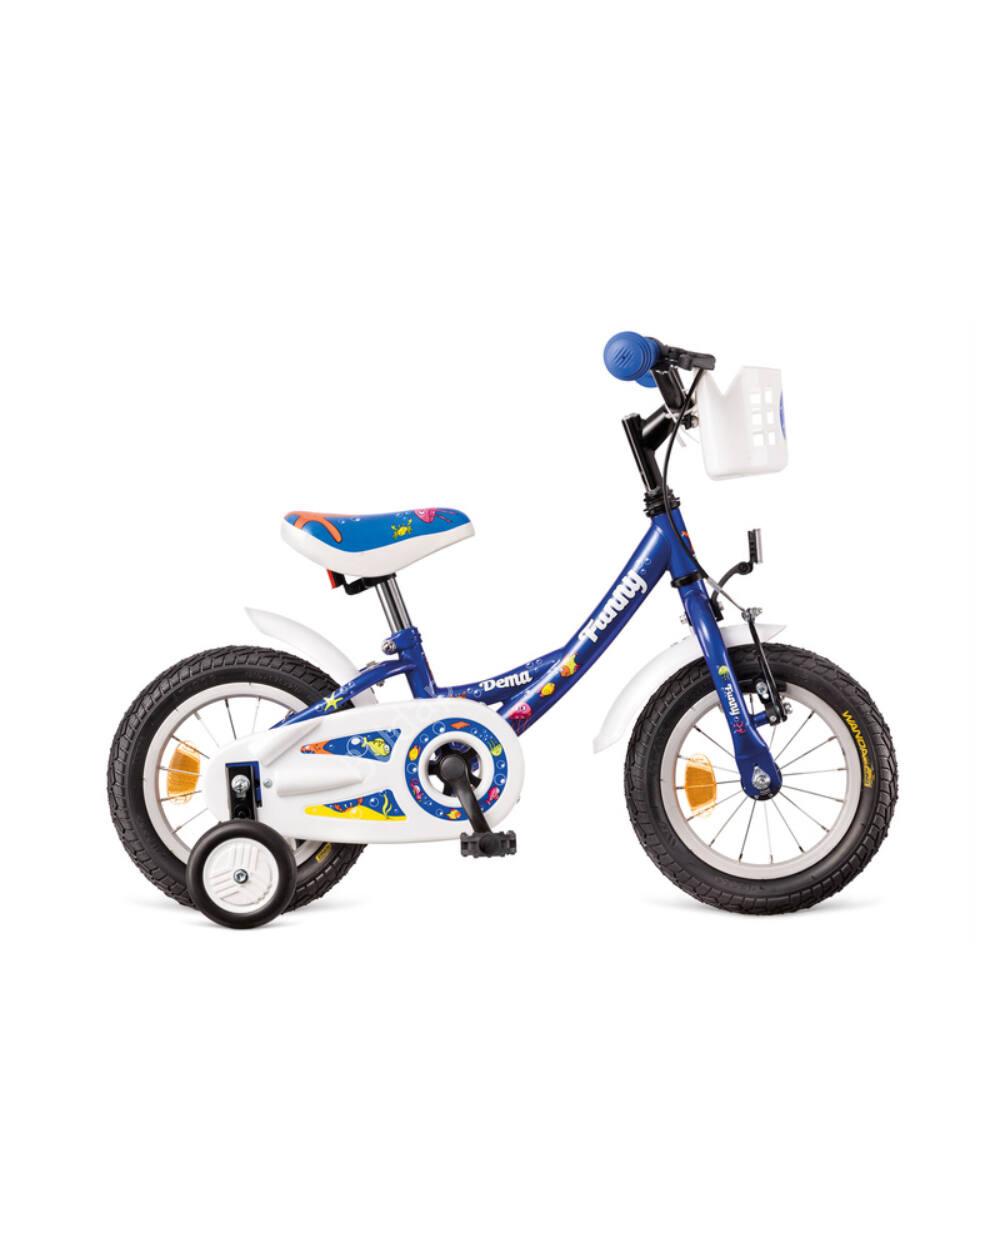 DEMA Funny 12 gyermek kerékpár, kék